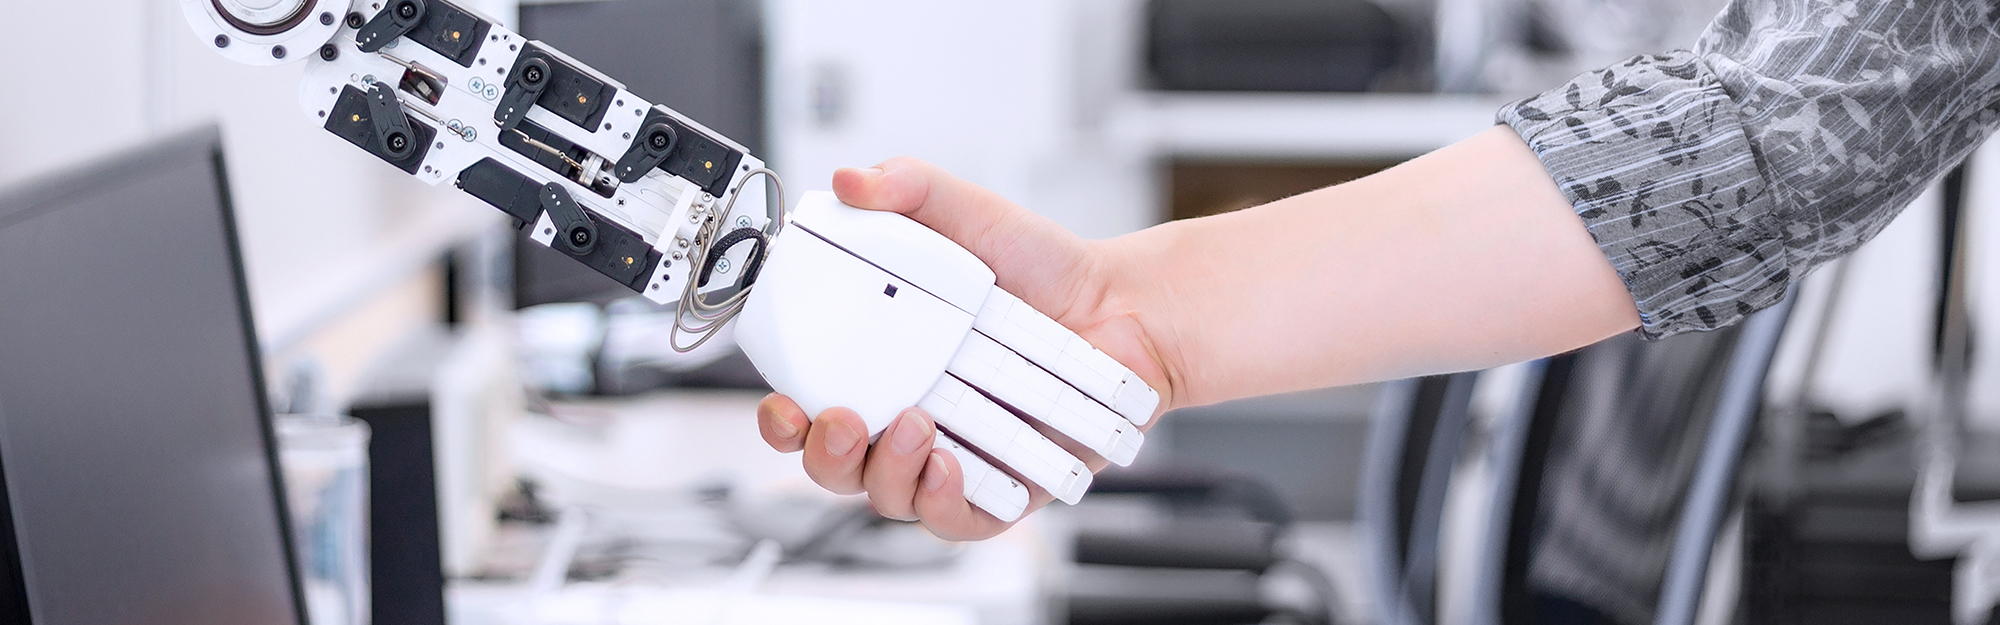 Intelligenza Artificiale: quali sono e come possono essere utilizzate le tecnologie in ambito aziendale